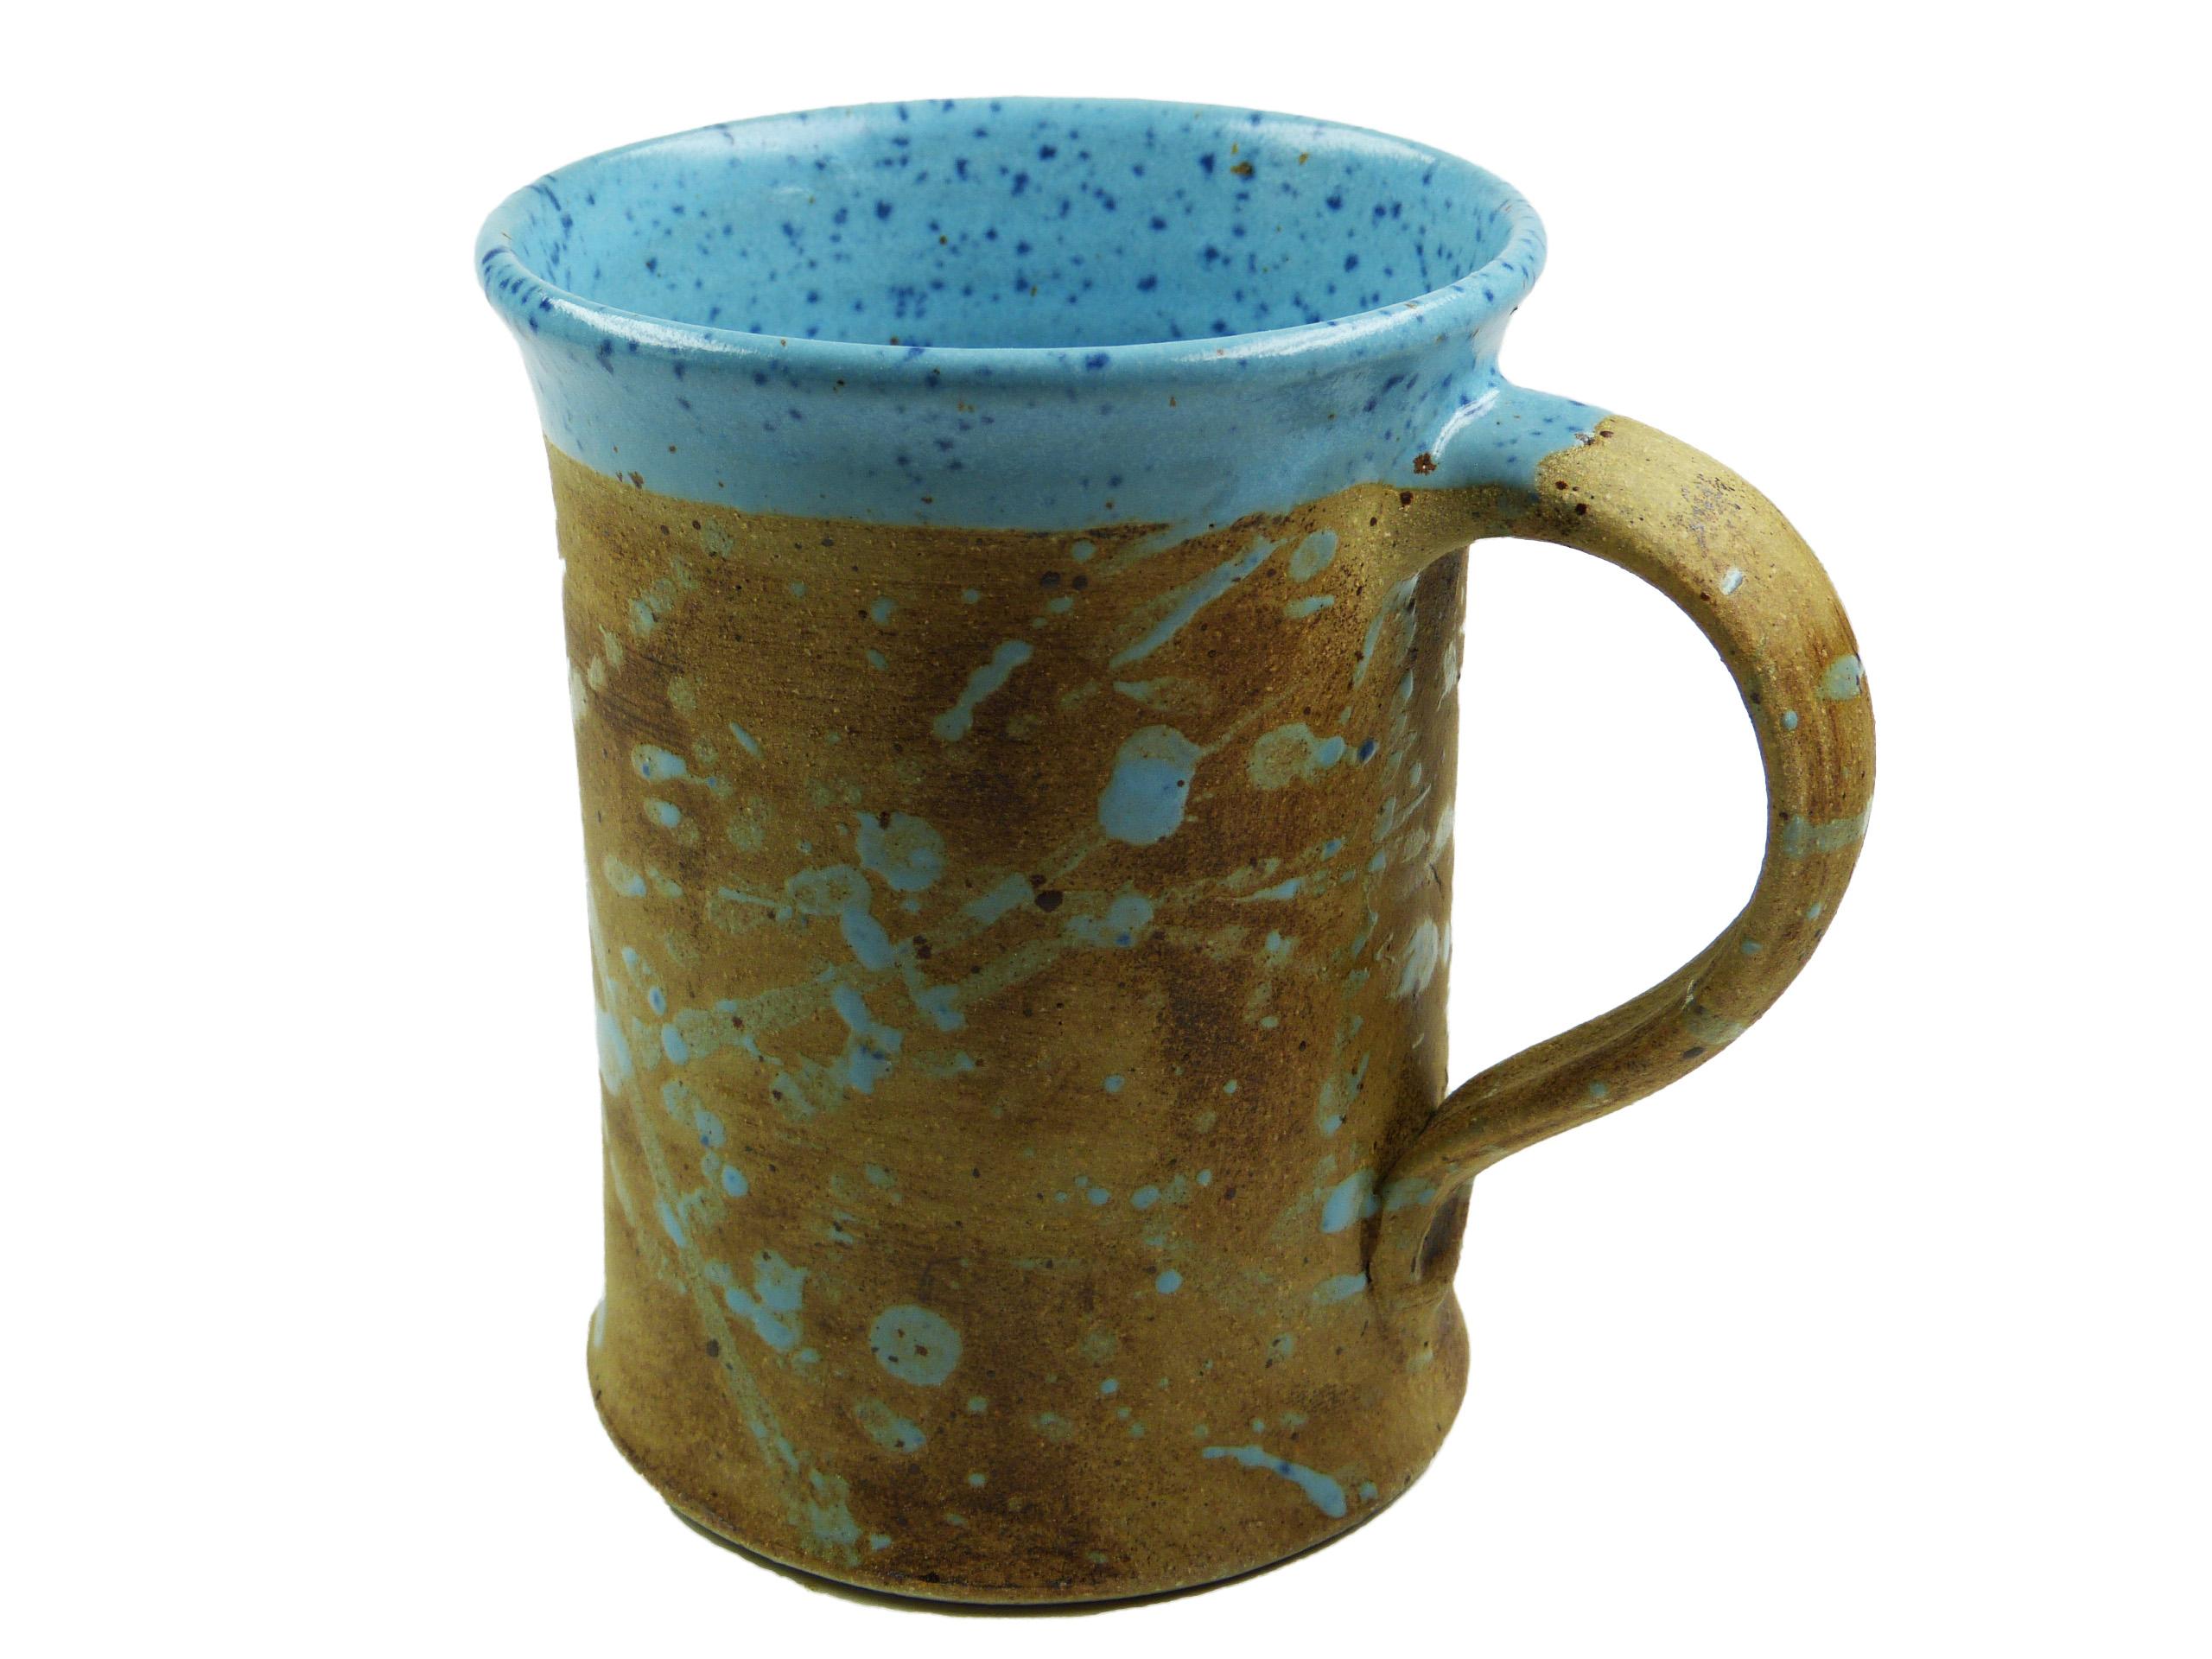 Tasse-gerade-trkis-gespr1..jpg